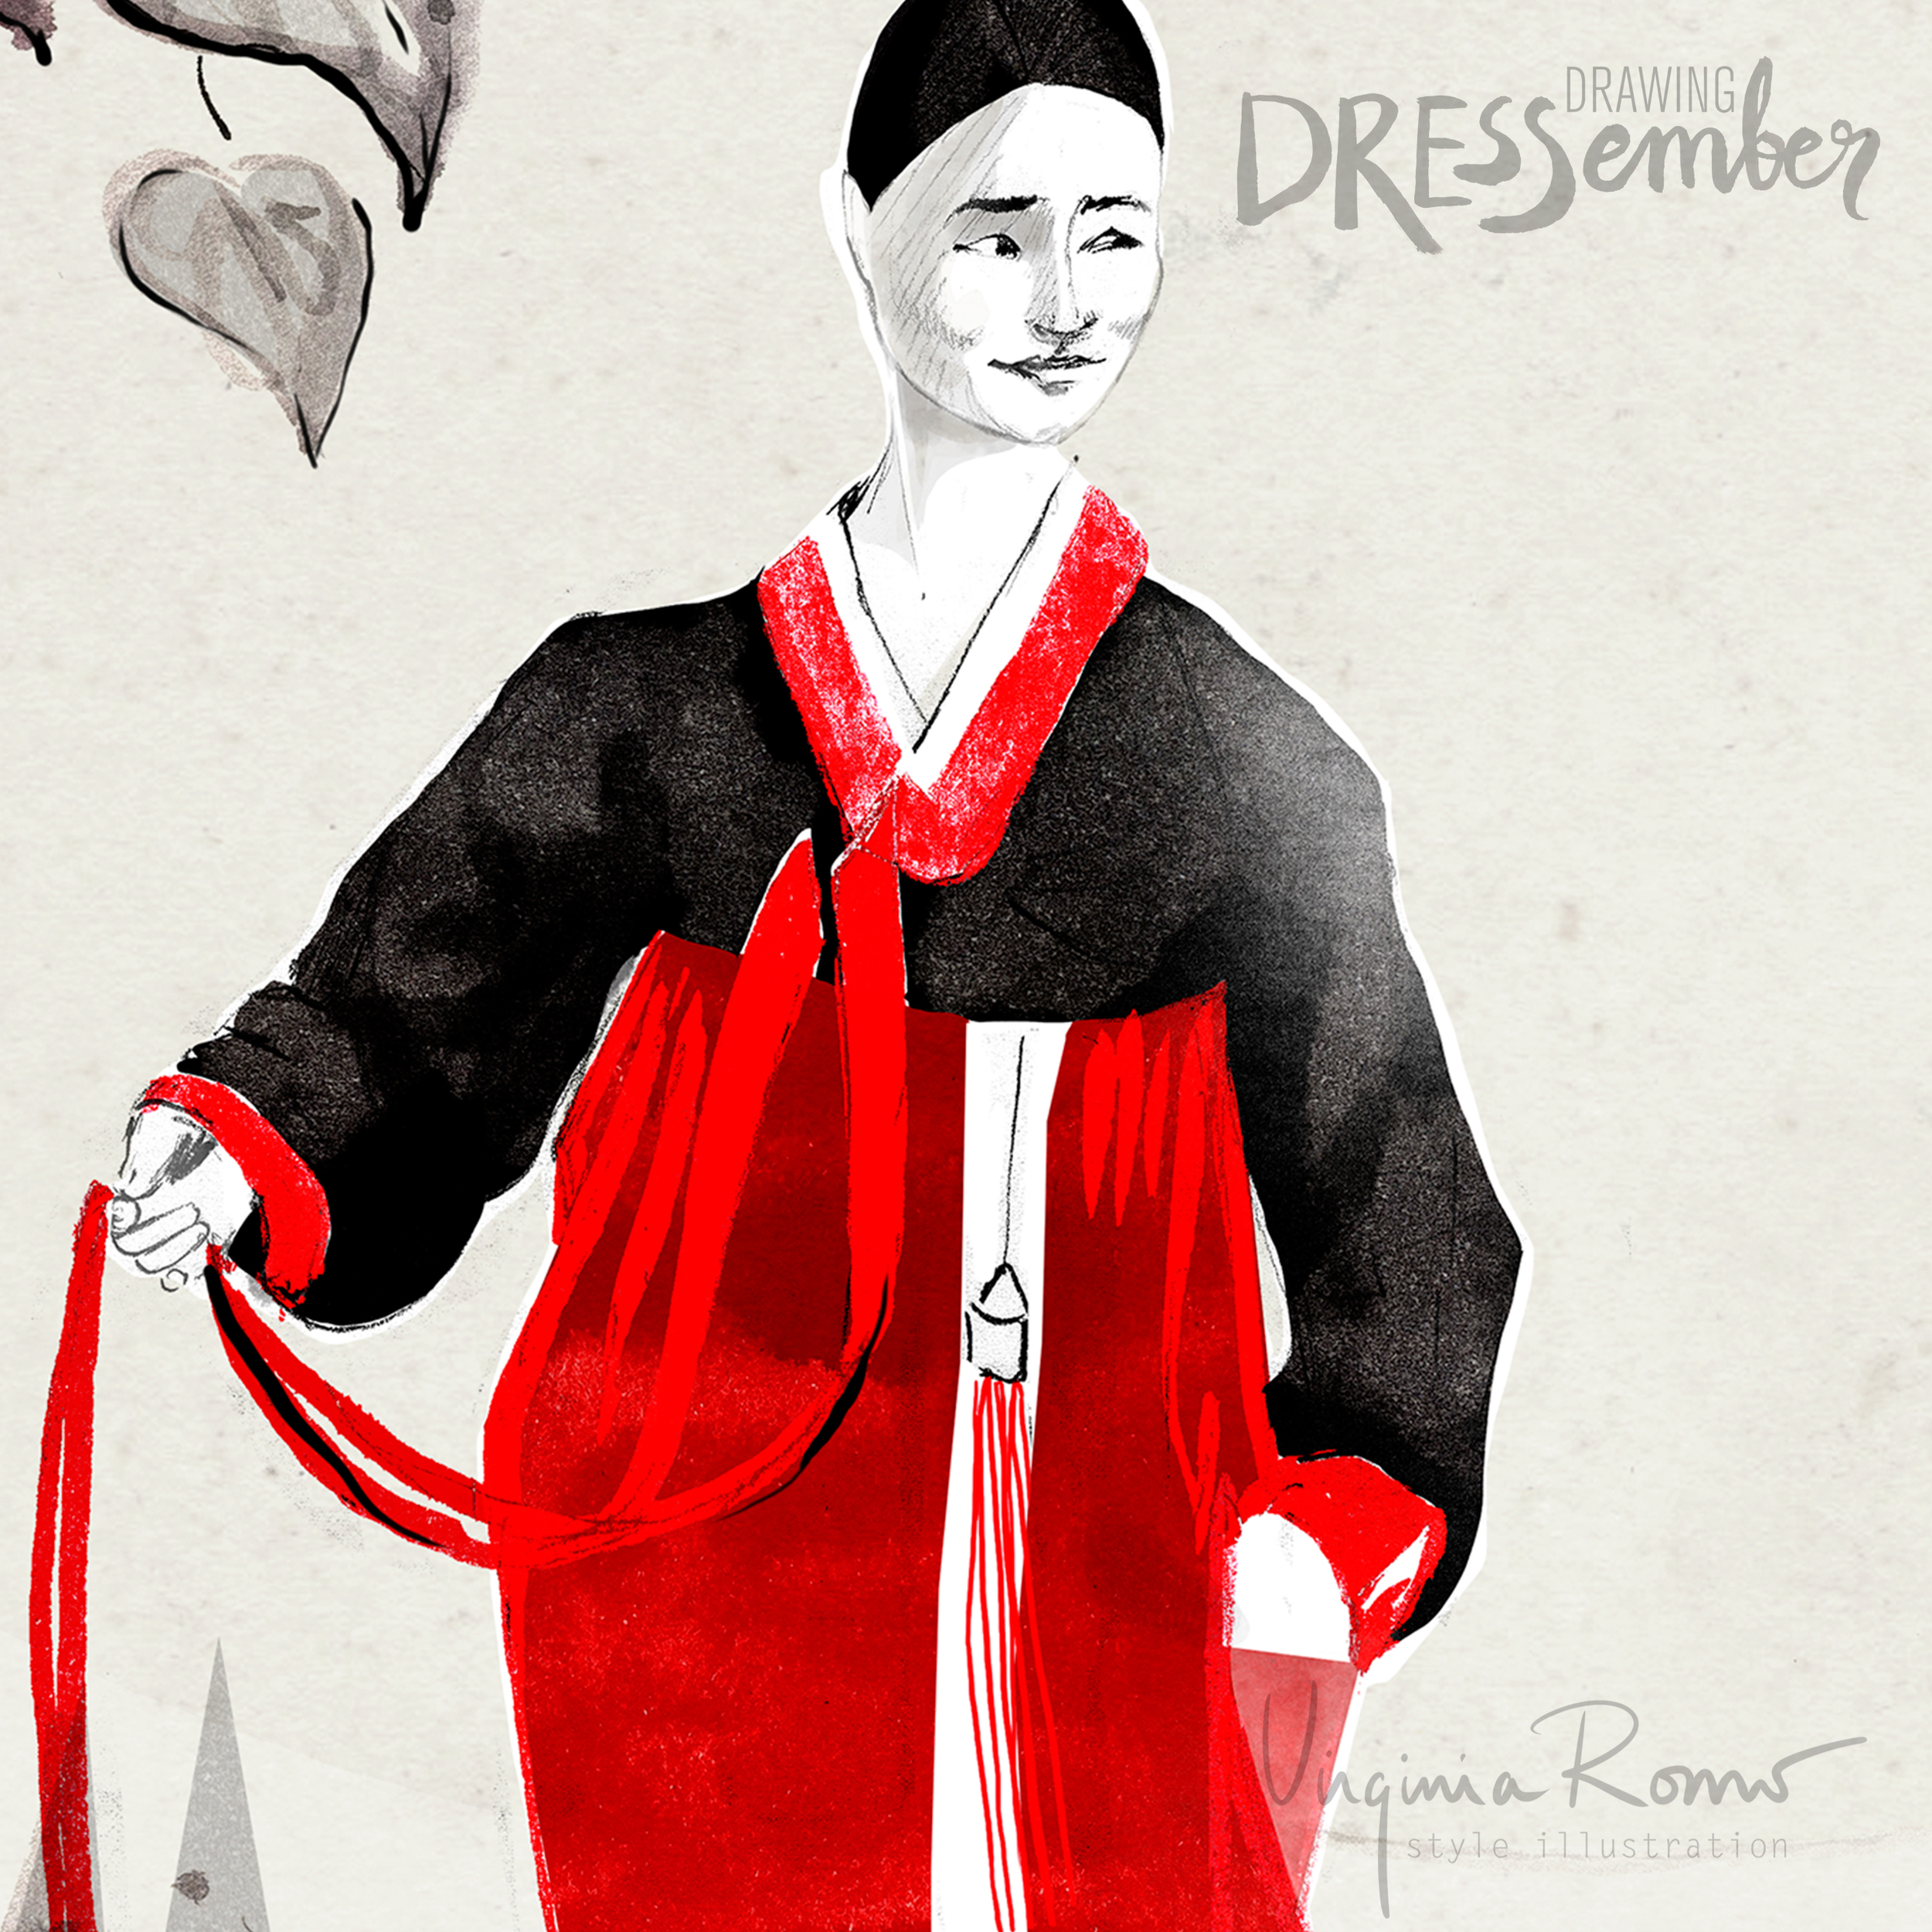 dressember-VirginiaRomoIllustration-01-Isa-IG-BIG.jpg